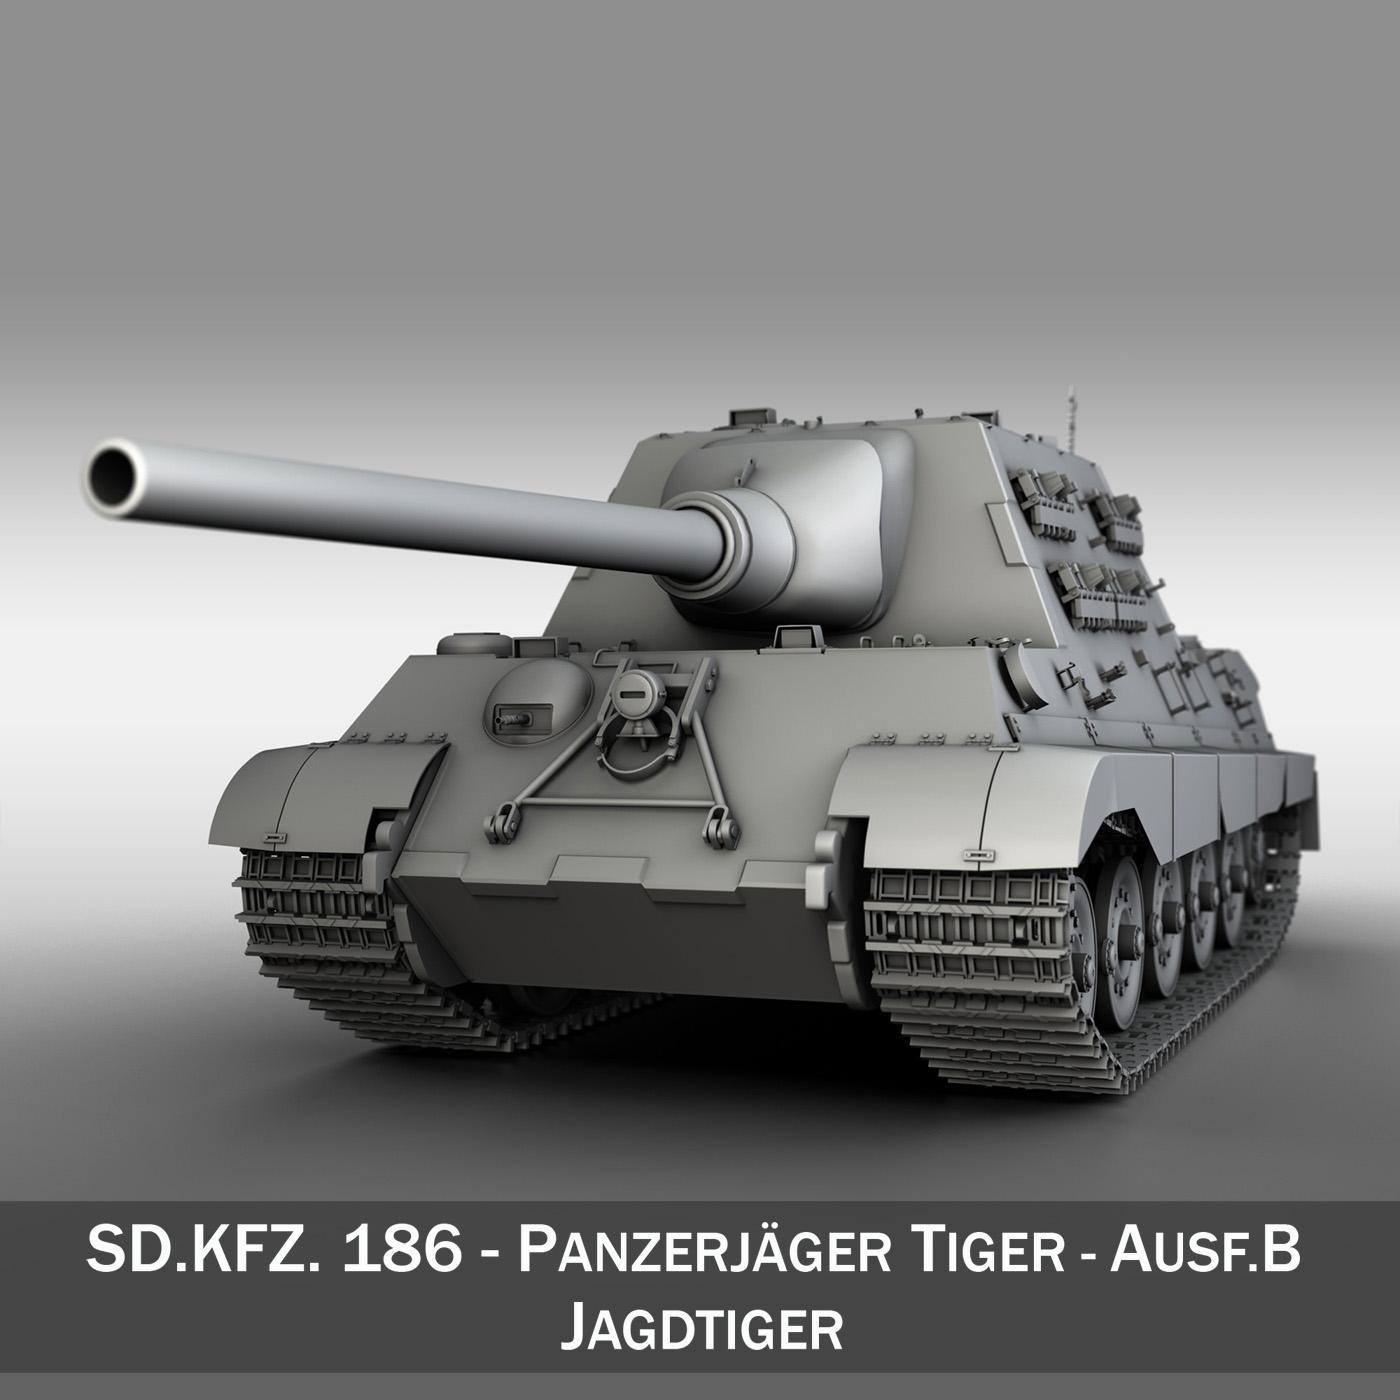 sd.kfz 186 jagdtiger hunting tiger 3d model 3ds fbx c4d lwo obj 189958